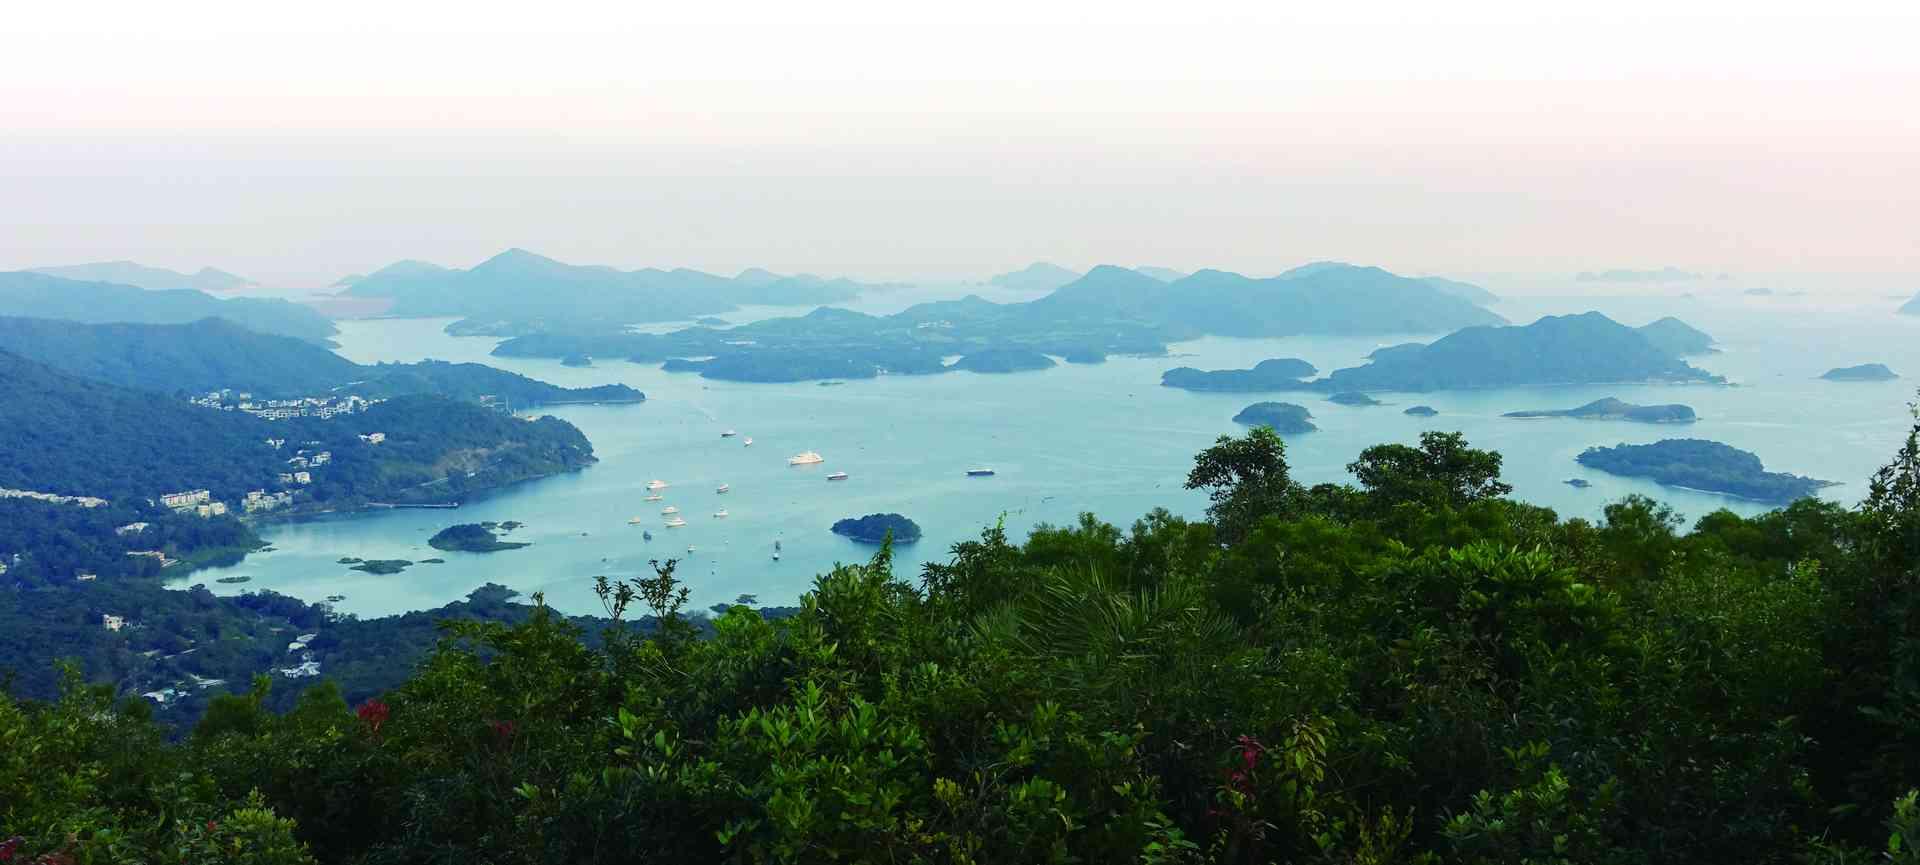 近代西貢漁民的波瀾跌宕